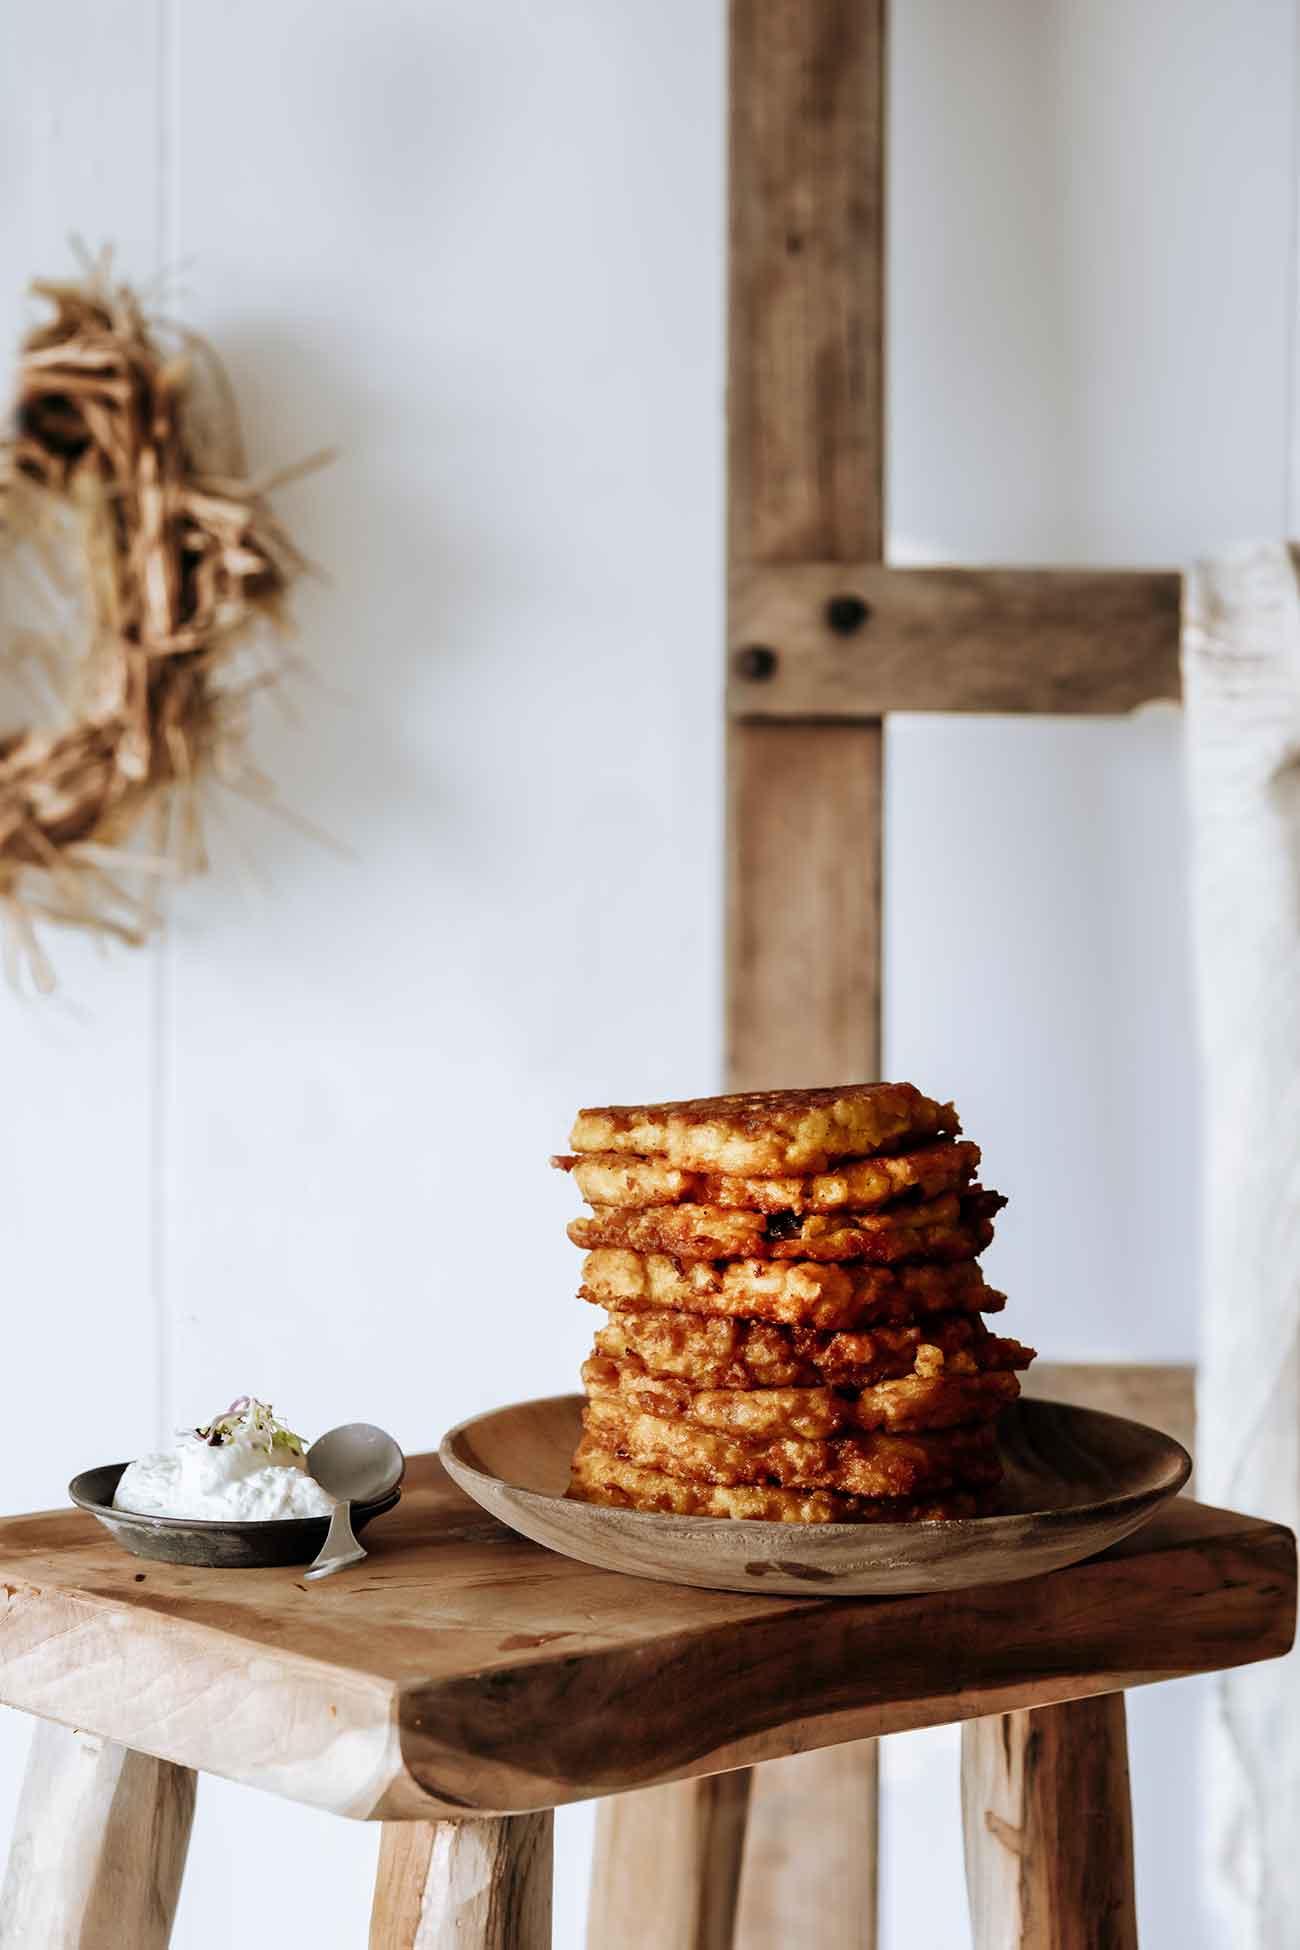 """Kross gebratene Kartoffel-Rösti sind schon was tolles, oder? Aber Kürbis-Kartoffel-Rösti sind noch einen kleinen """"Tick"""" besser. Dazu ein wenig Schmand mit frischen Kräuter oder Sour Cream. Bodenständige Herbstküche. Ich liebe es."""